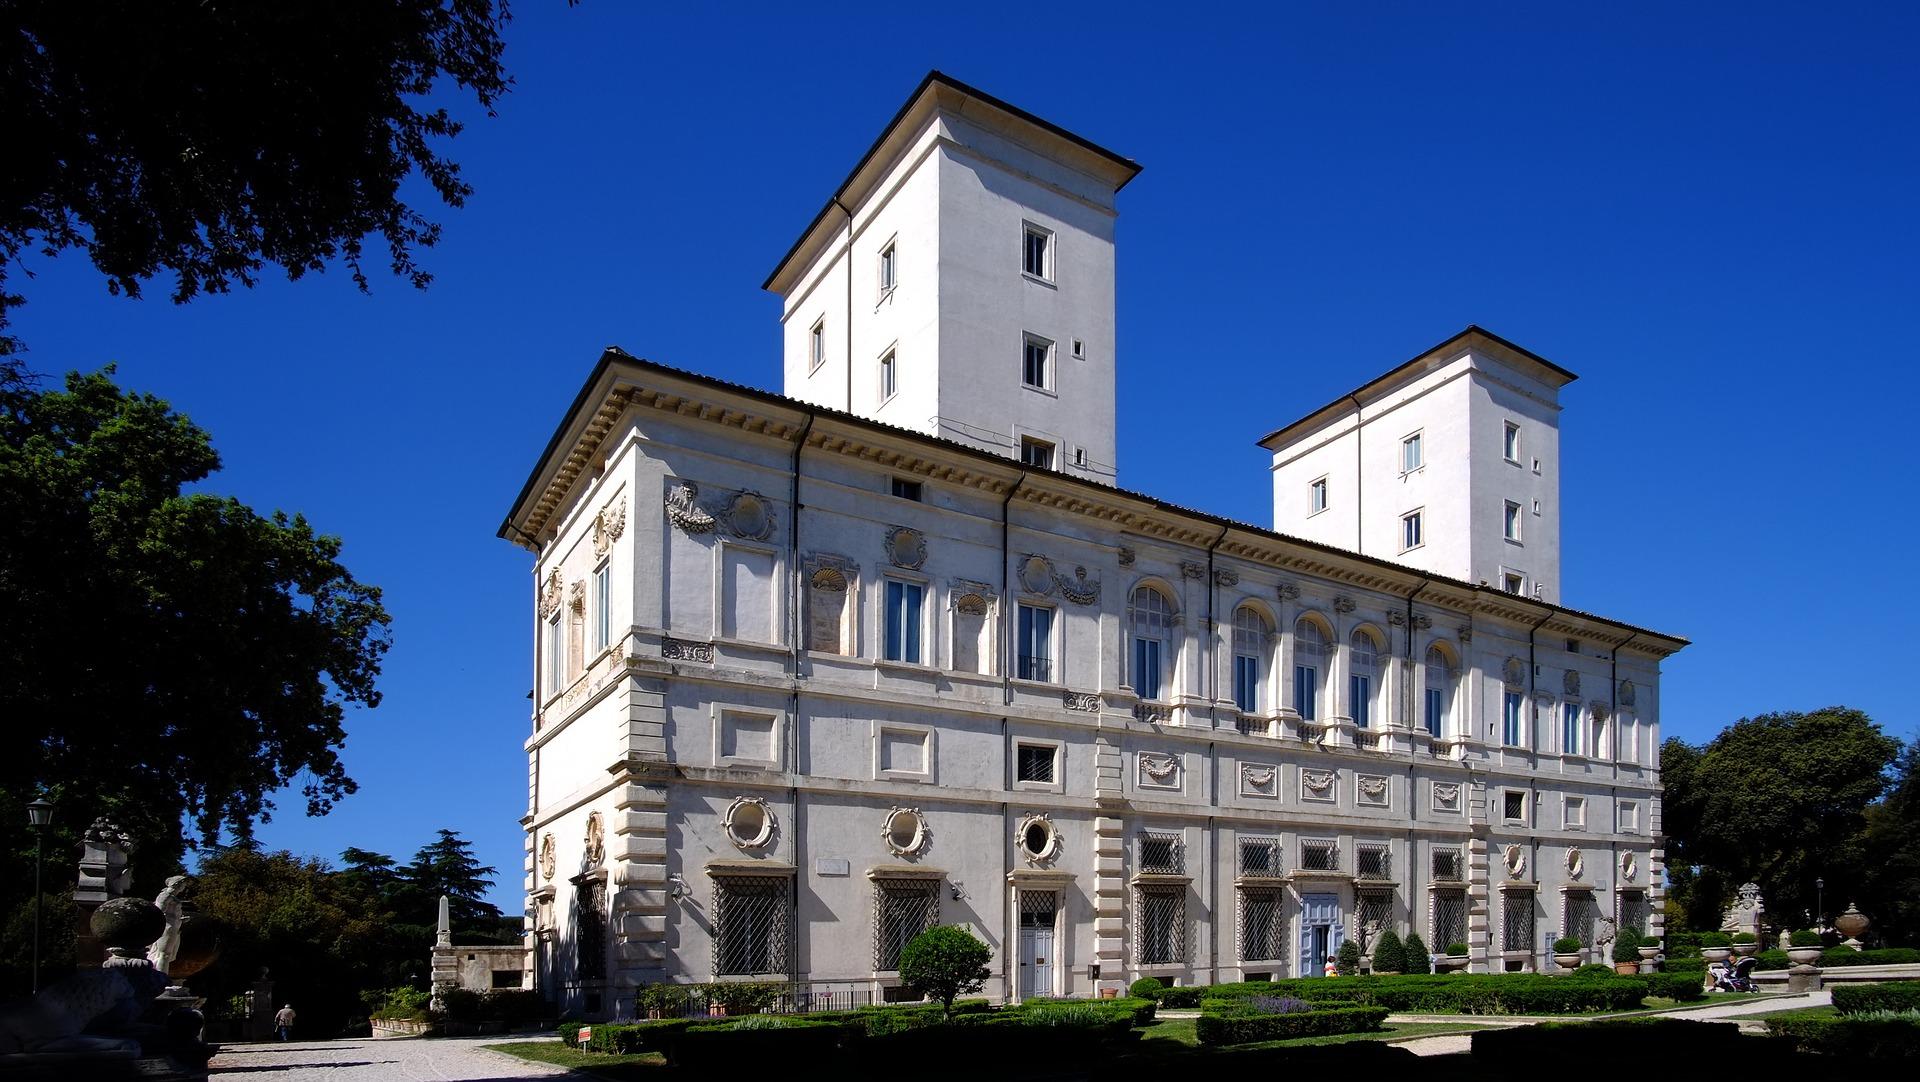 Giardino di Villa Borghese palazzo